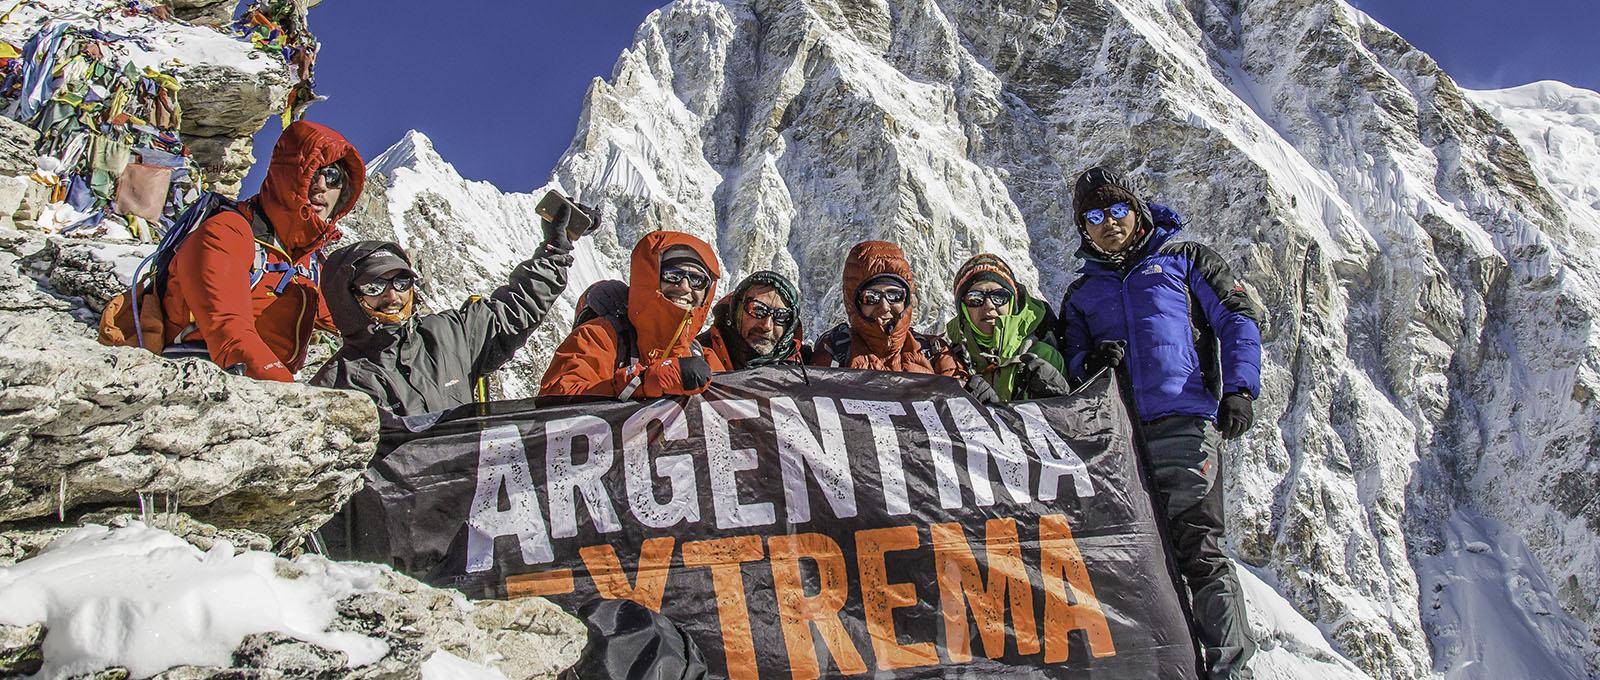 ArgentinaExtrema